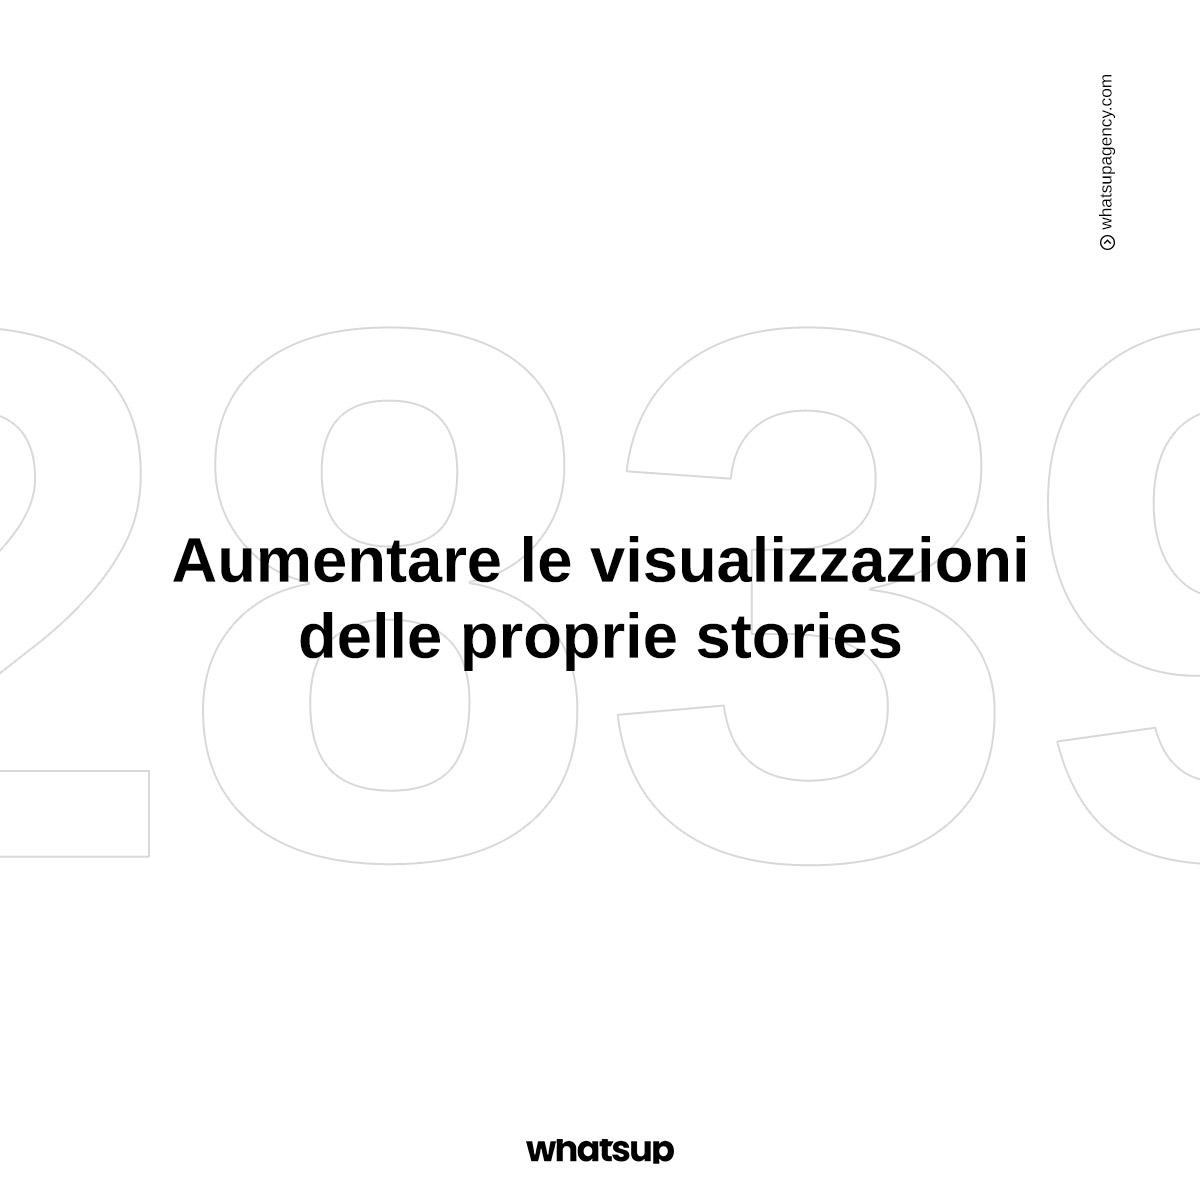 Come posso aumentare le visualizzazioni delle mie stories?